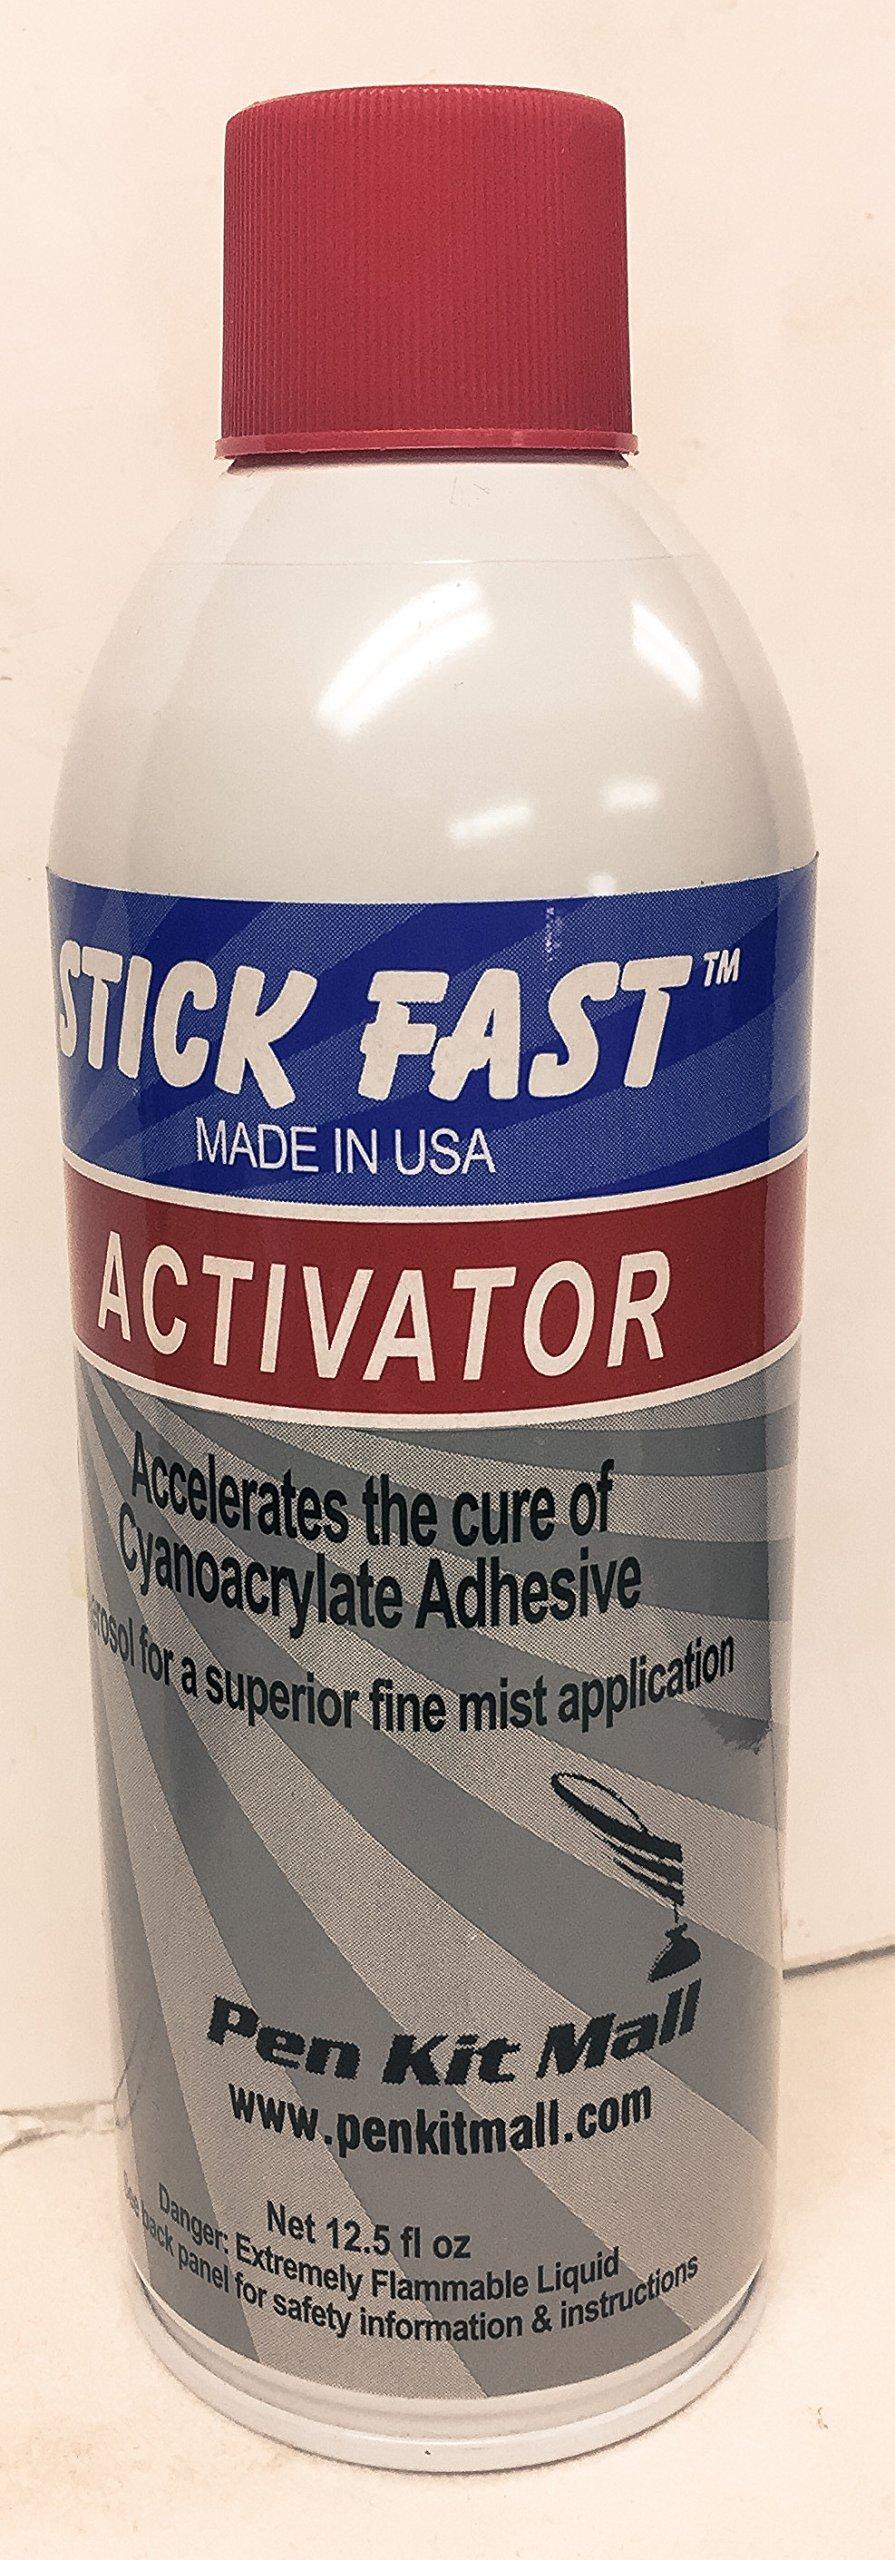 Stick Fast Activator 12.5 oz Aerosol